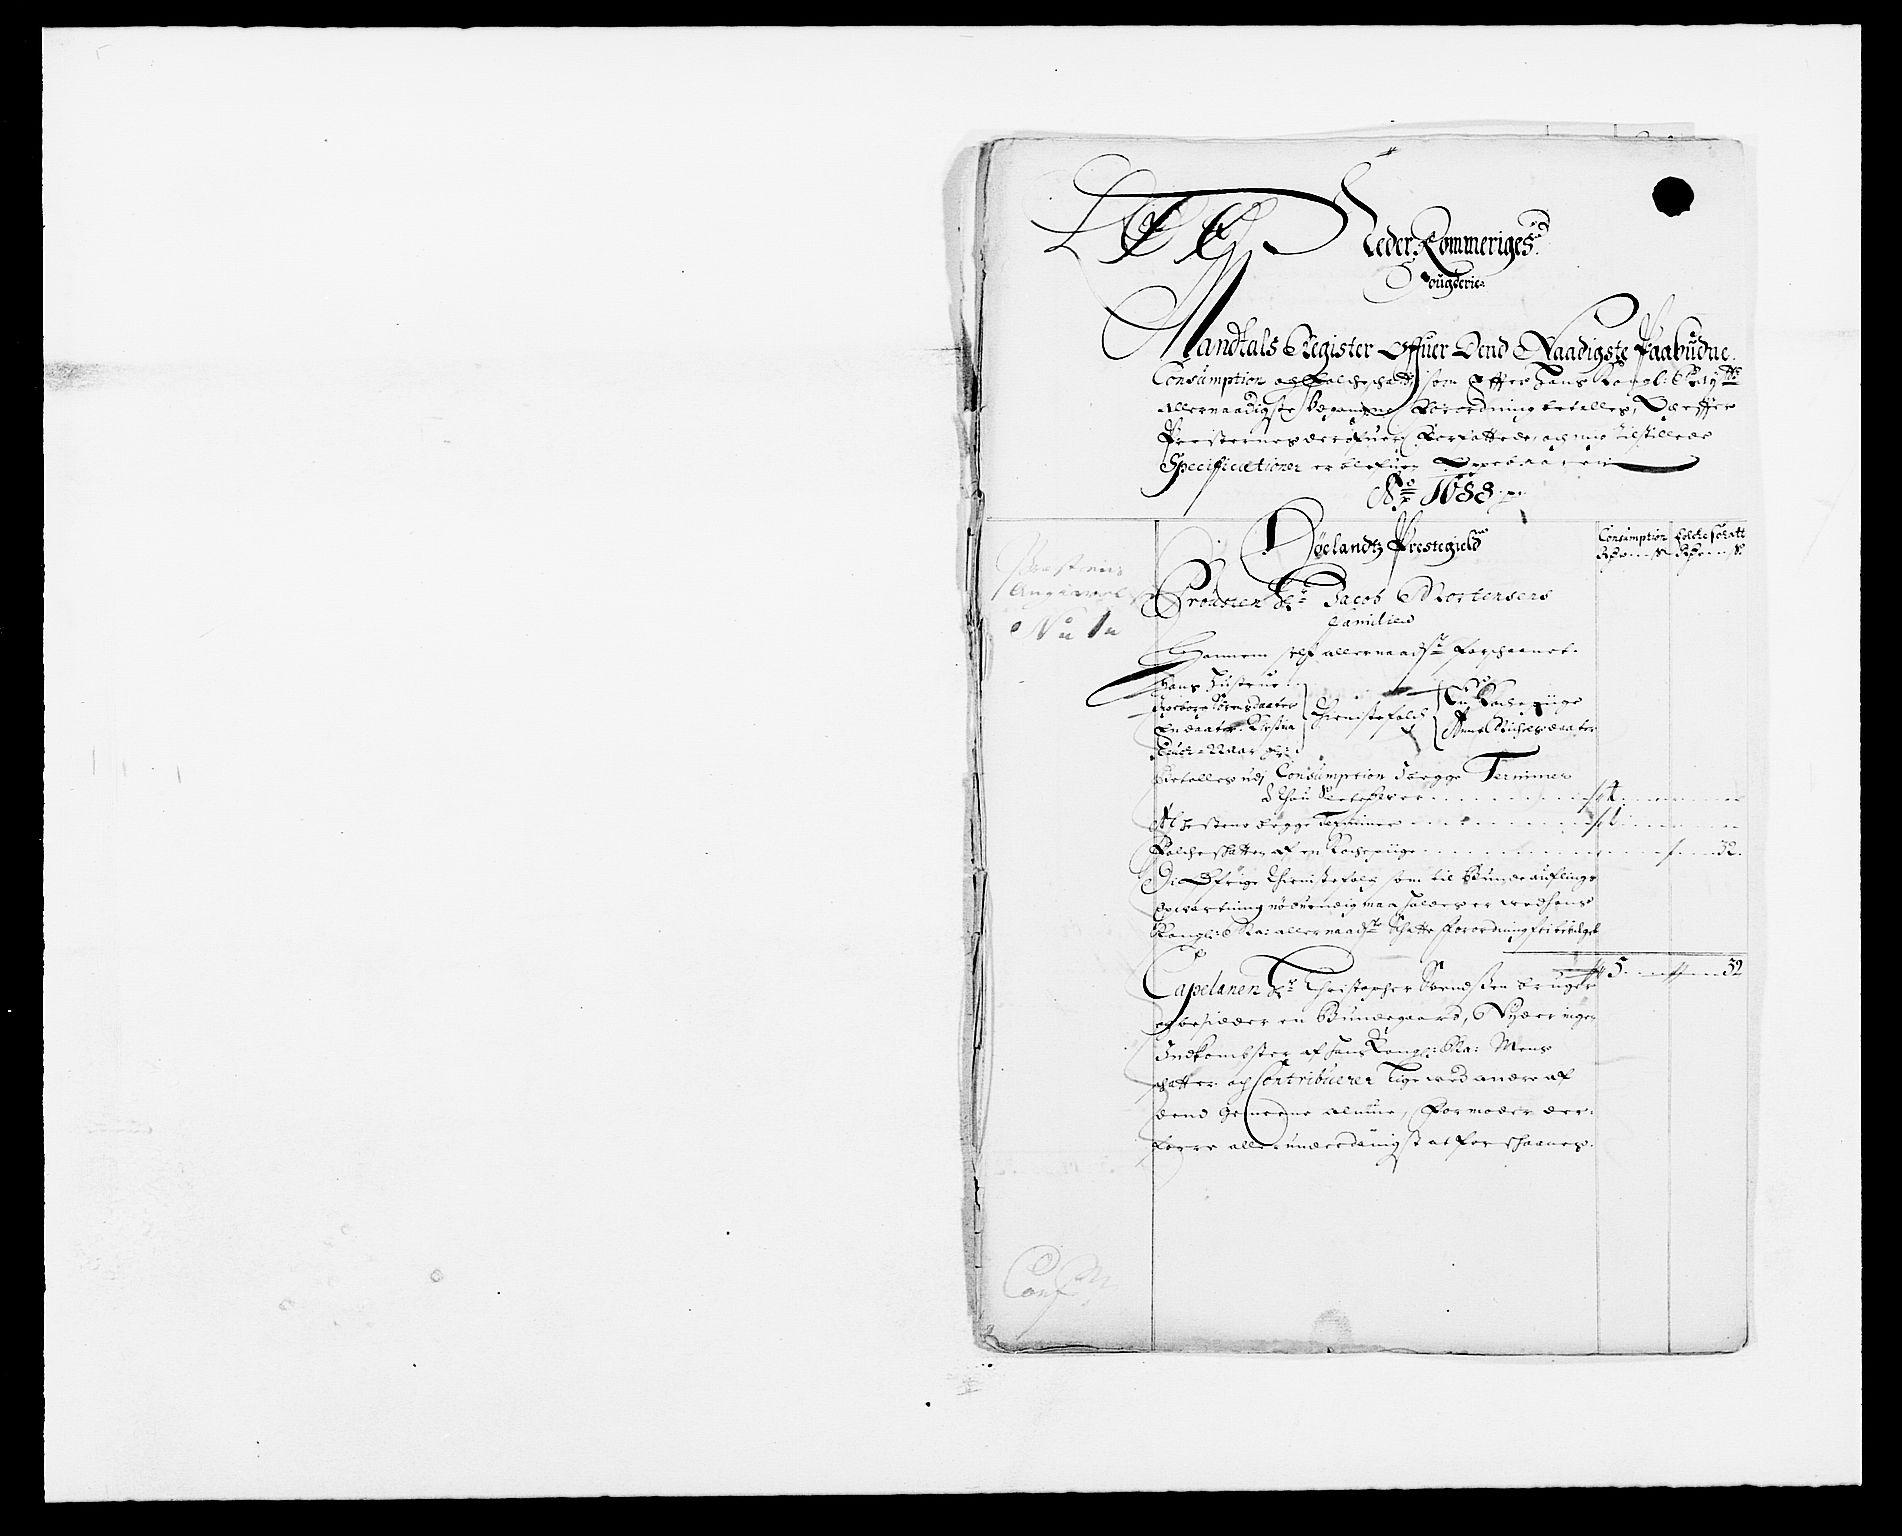 RA, Rentekammeret inntil 1814, Reviderte regnskaper, Fogderegnskap, R11/L0573: Fogderegnskap Nedre Romerike, 1679-1688, s. 82